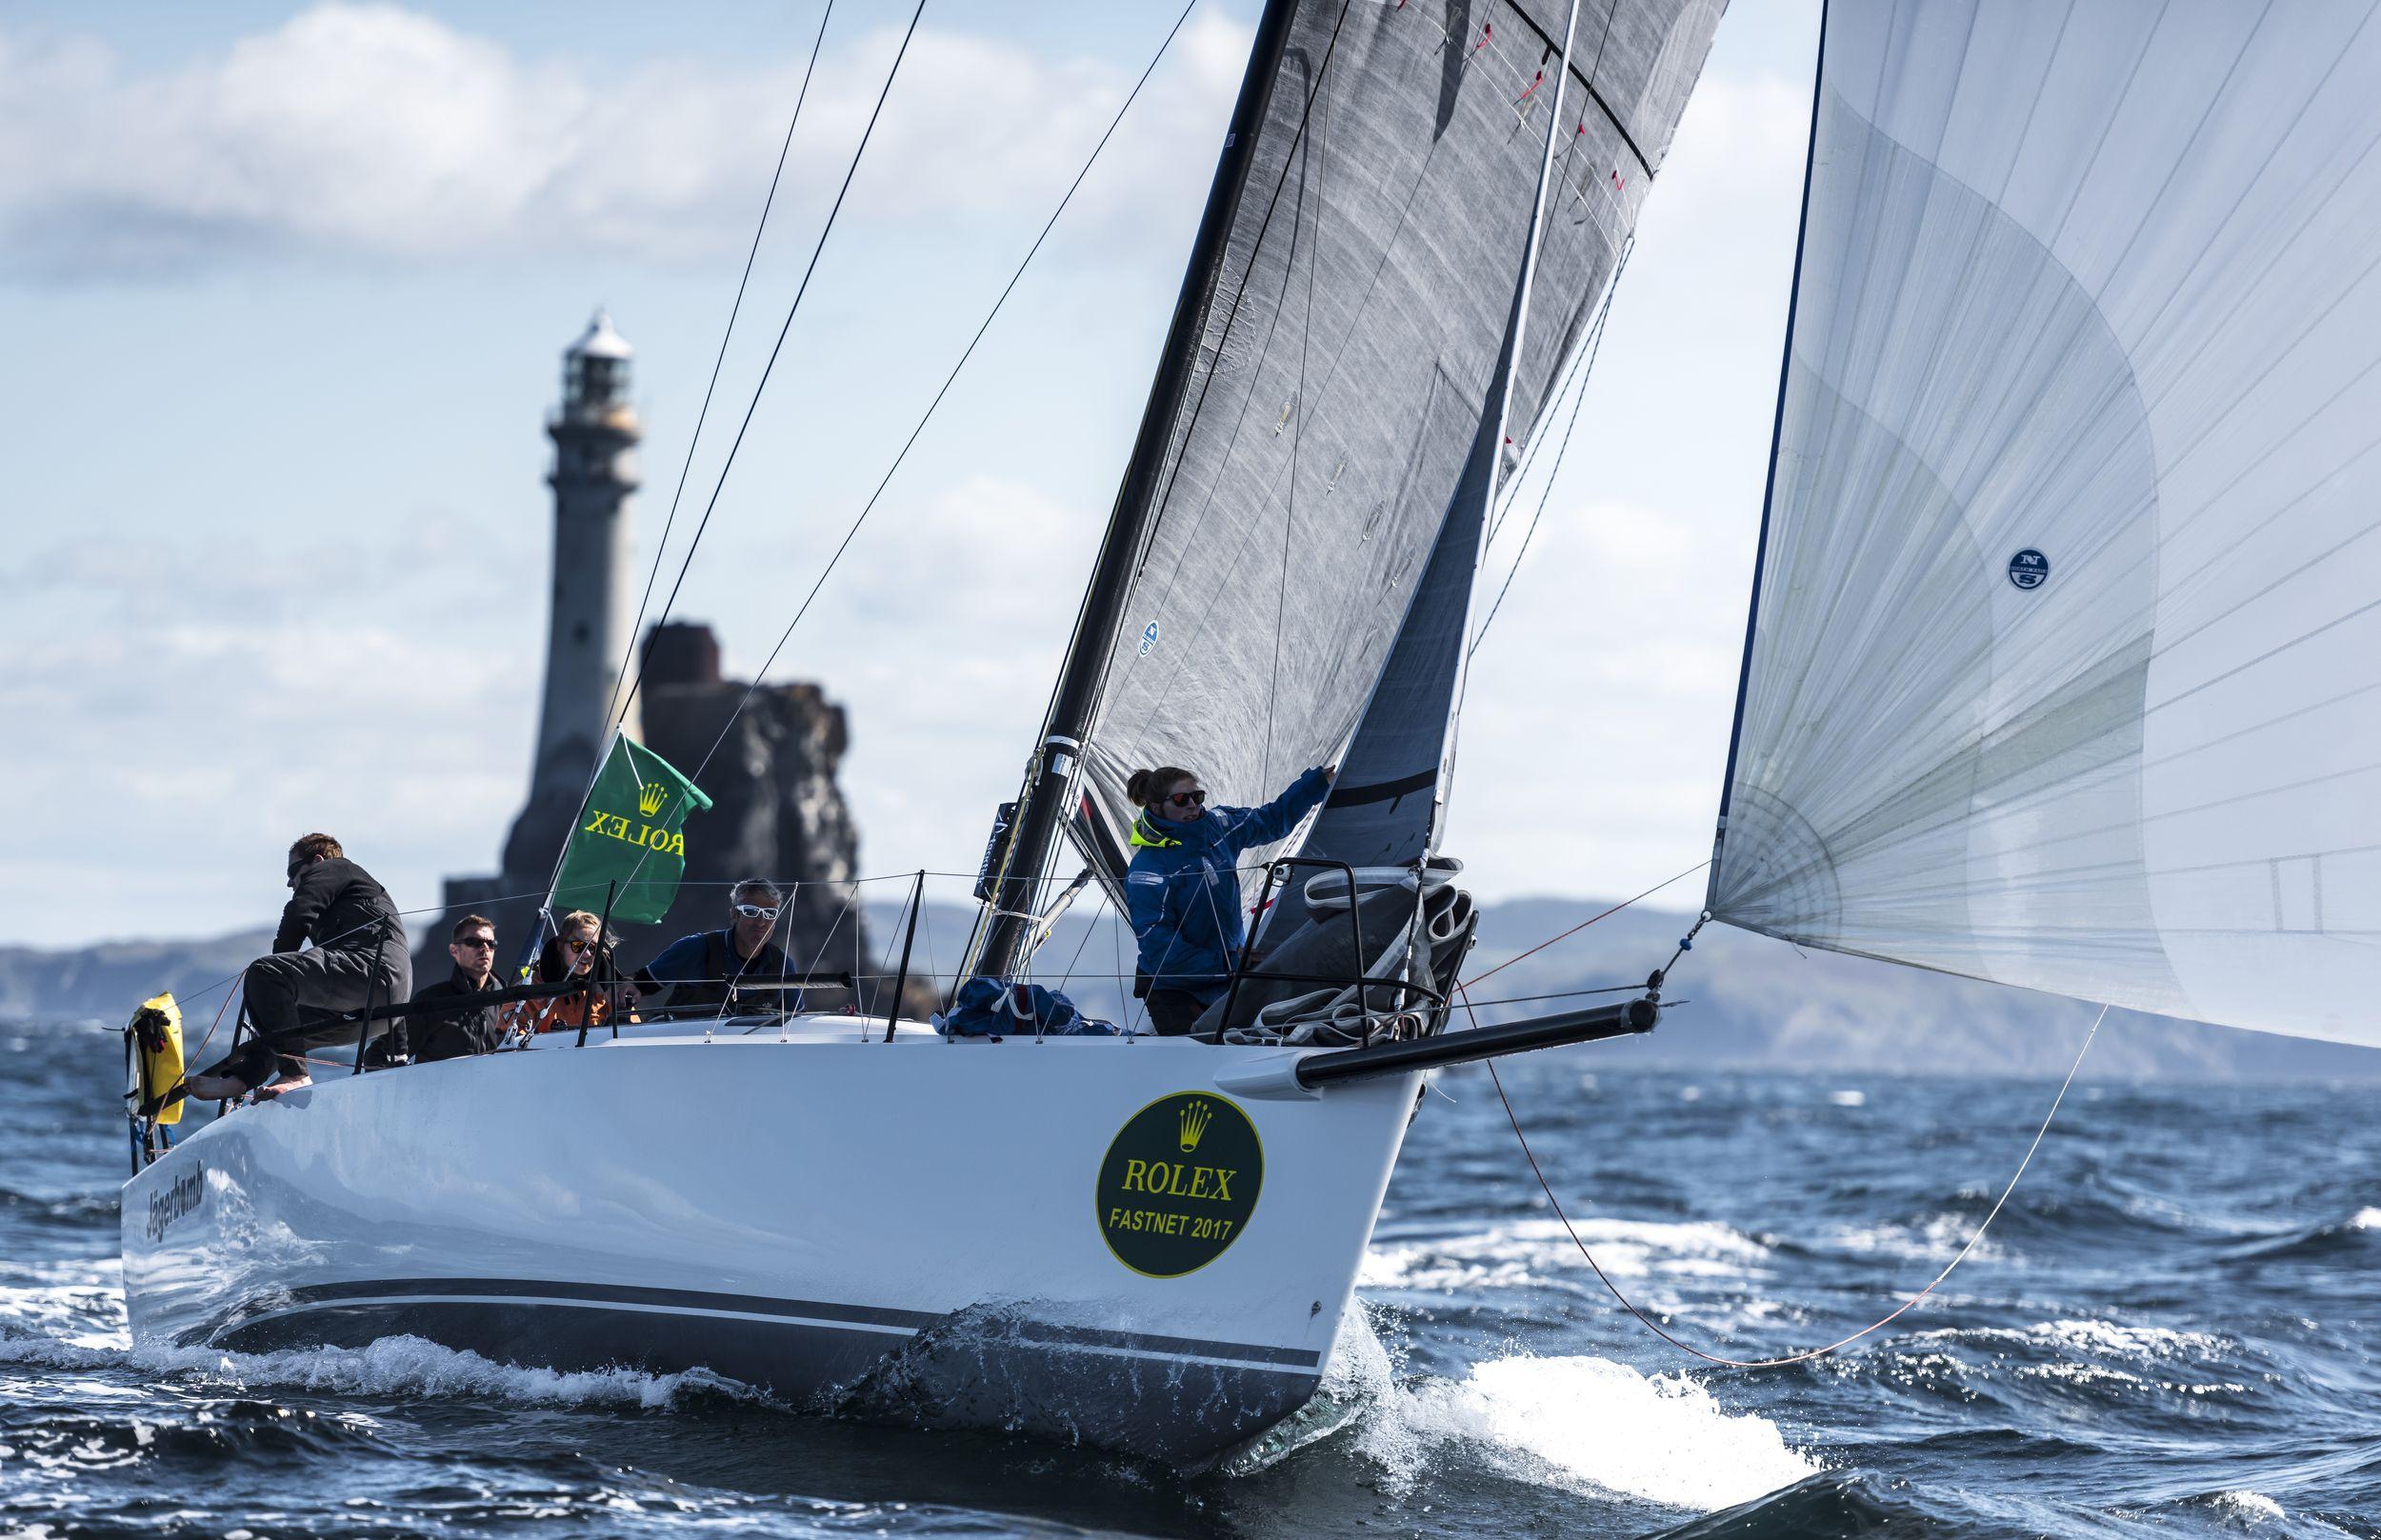 Principessa, Sail No: GBR 2186